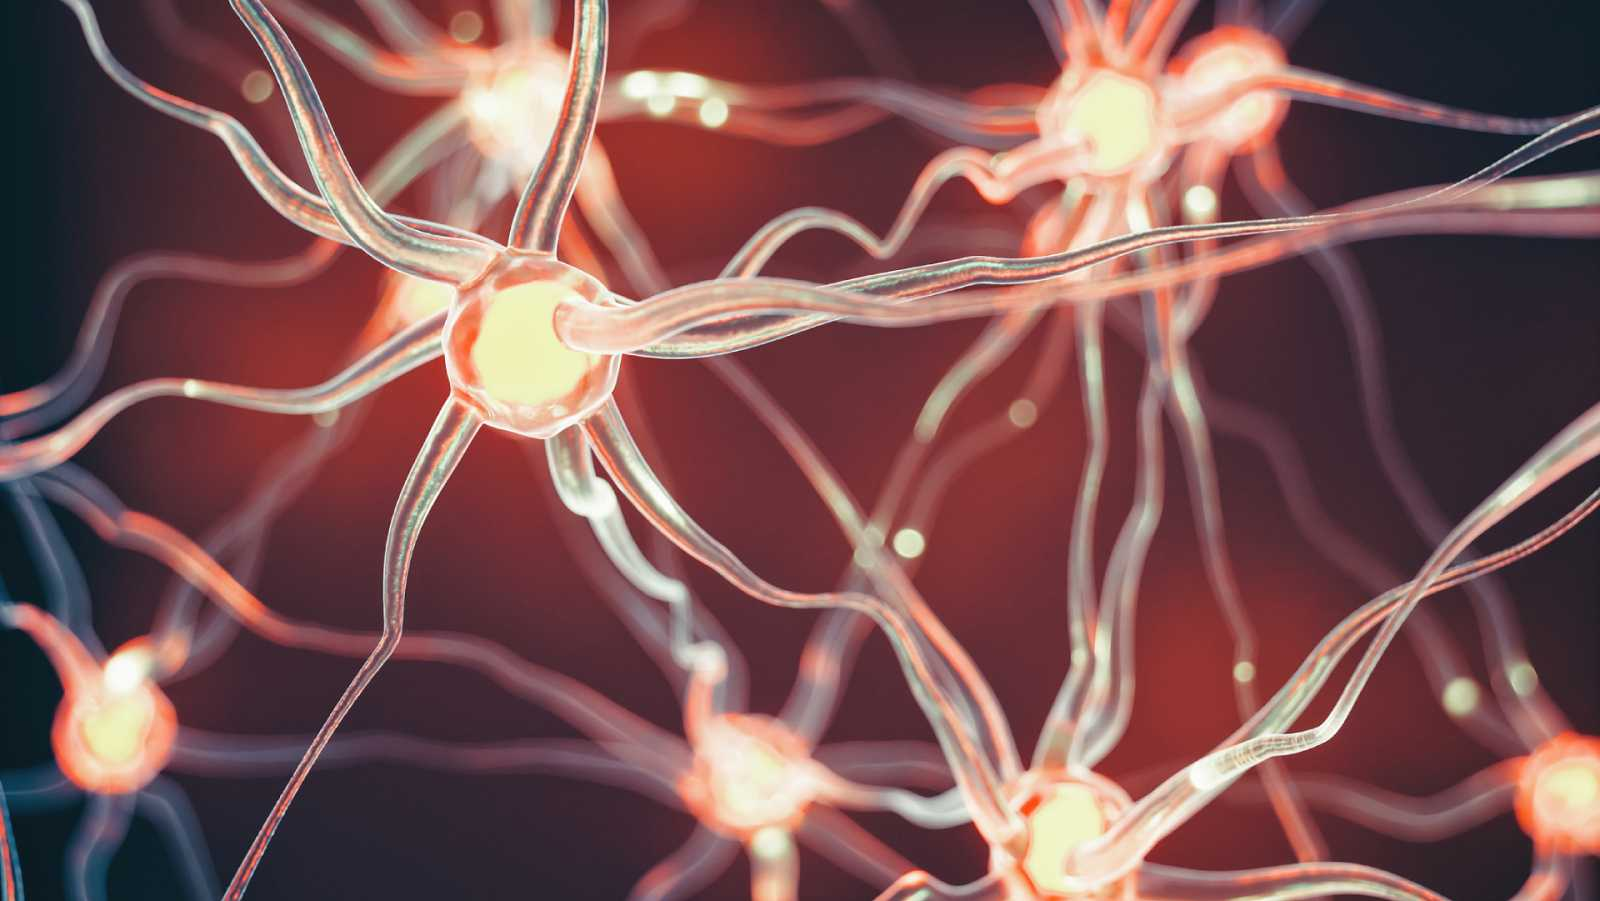 España a las 8 Fin de Semana - Un estudio desvela los biomarcadores del Alzheimer en personas con Síndrome de Down - Escuchar ahora